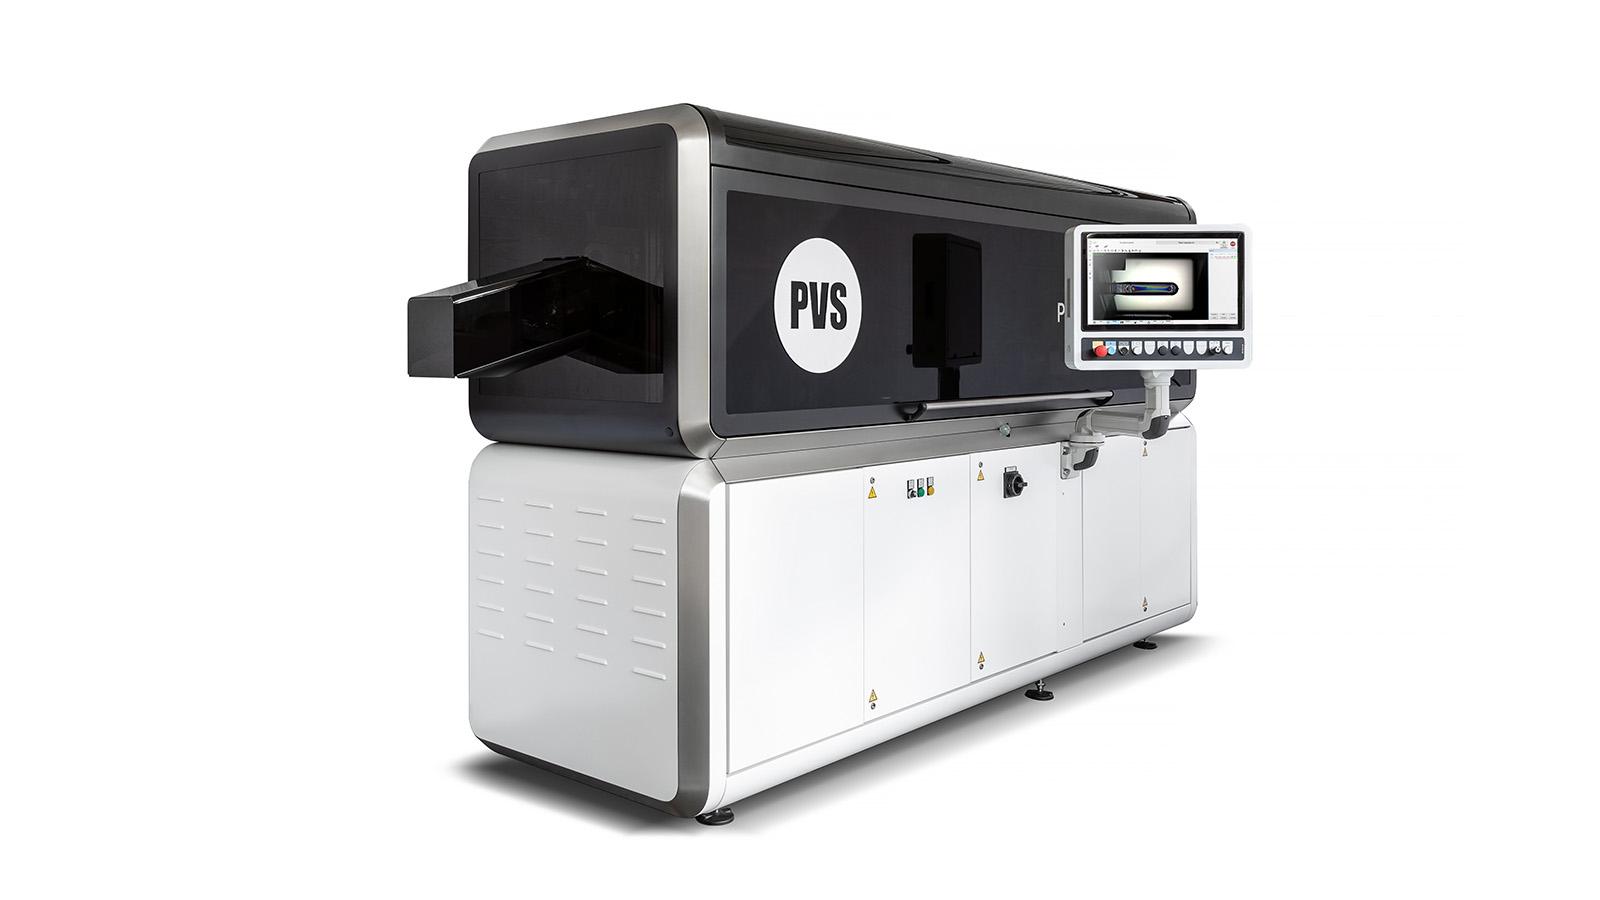 concept-design-pvs-macchina chiusa